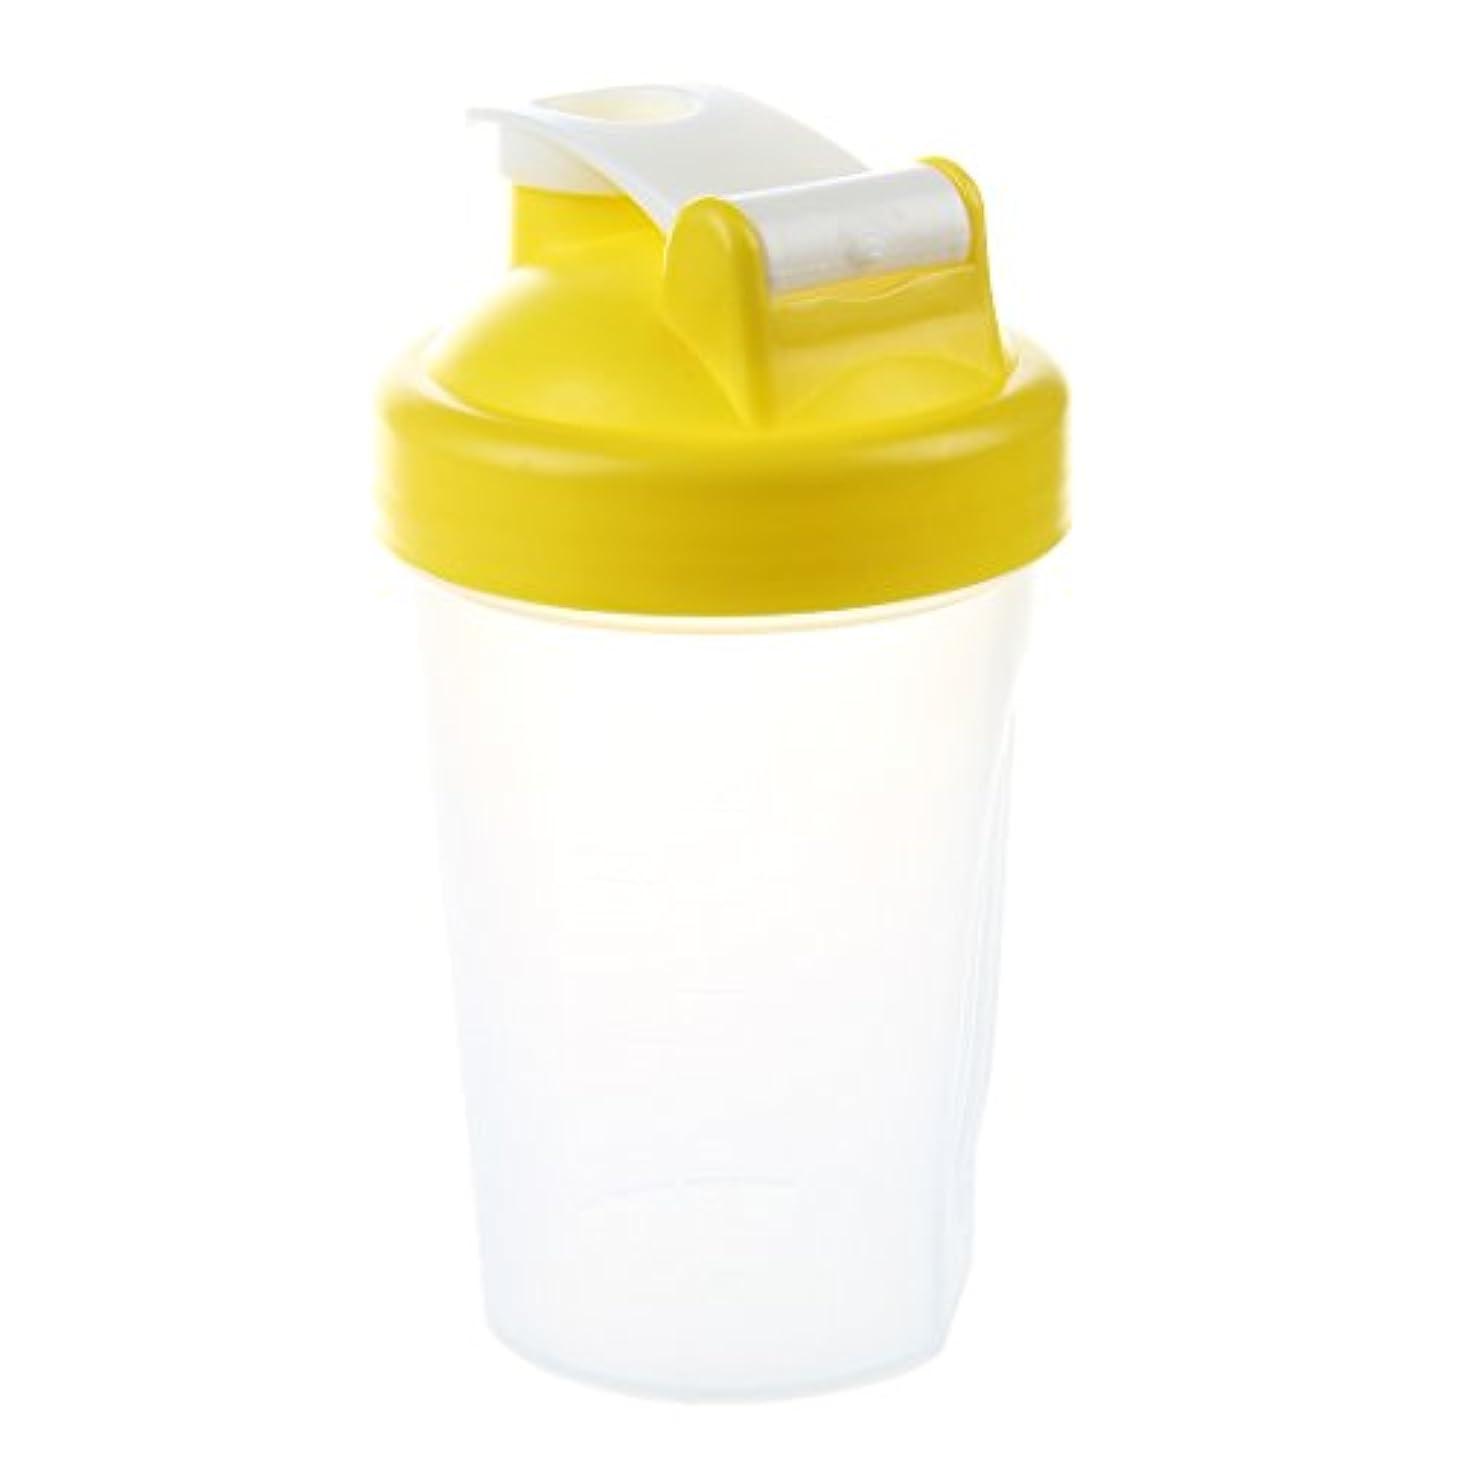 漂流エイズ空SODIAL スマートシェイク ジムプロテインシェーカー ミキサーカップミキサーボトル ステンレスウィスキーボールが付きます イエローカラー